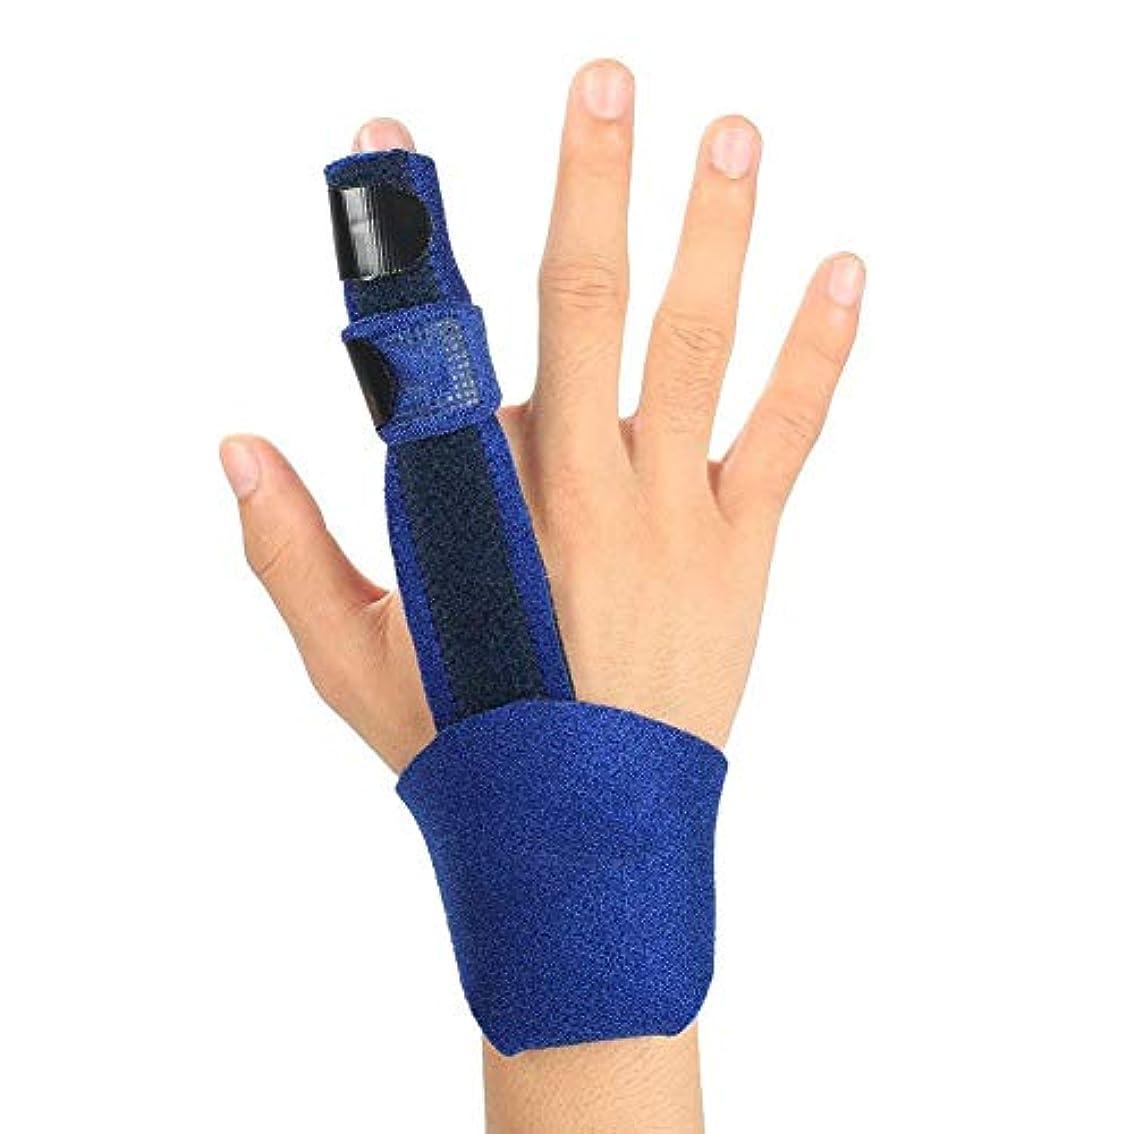 指プロテクターサポート指手袋マレットブレーストリガー指関節炎と靭帯の痛み指拡張副木